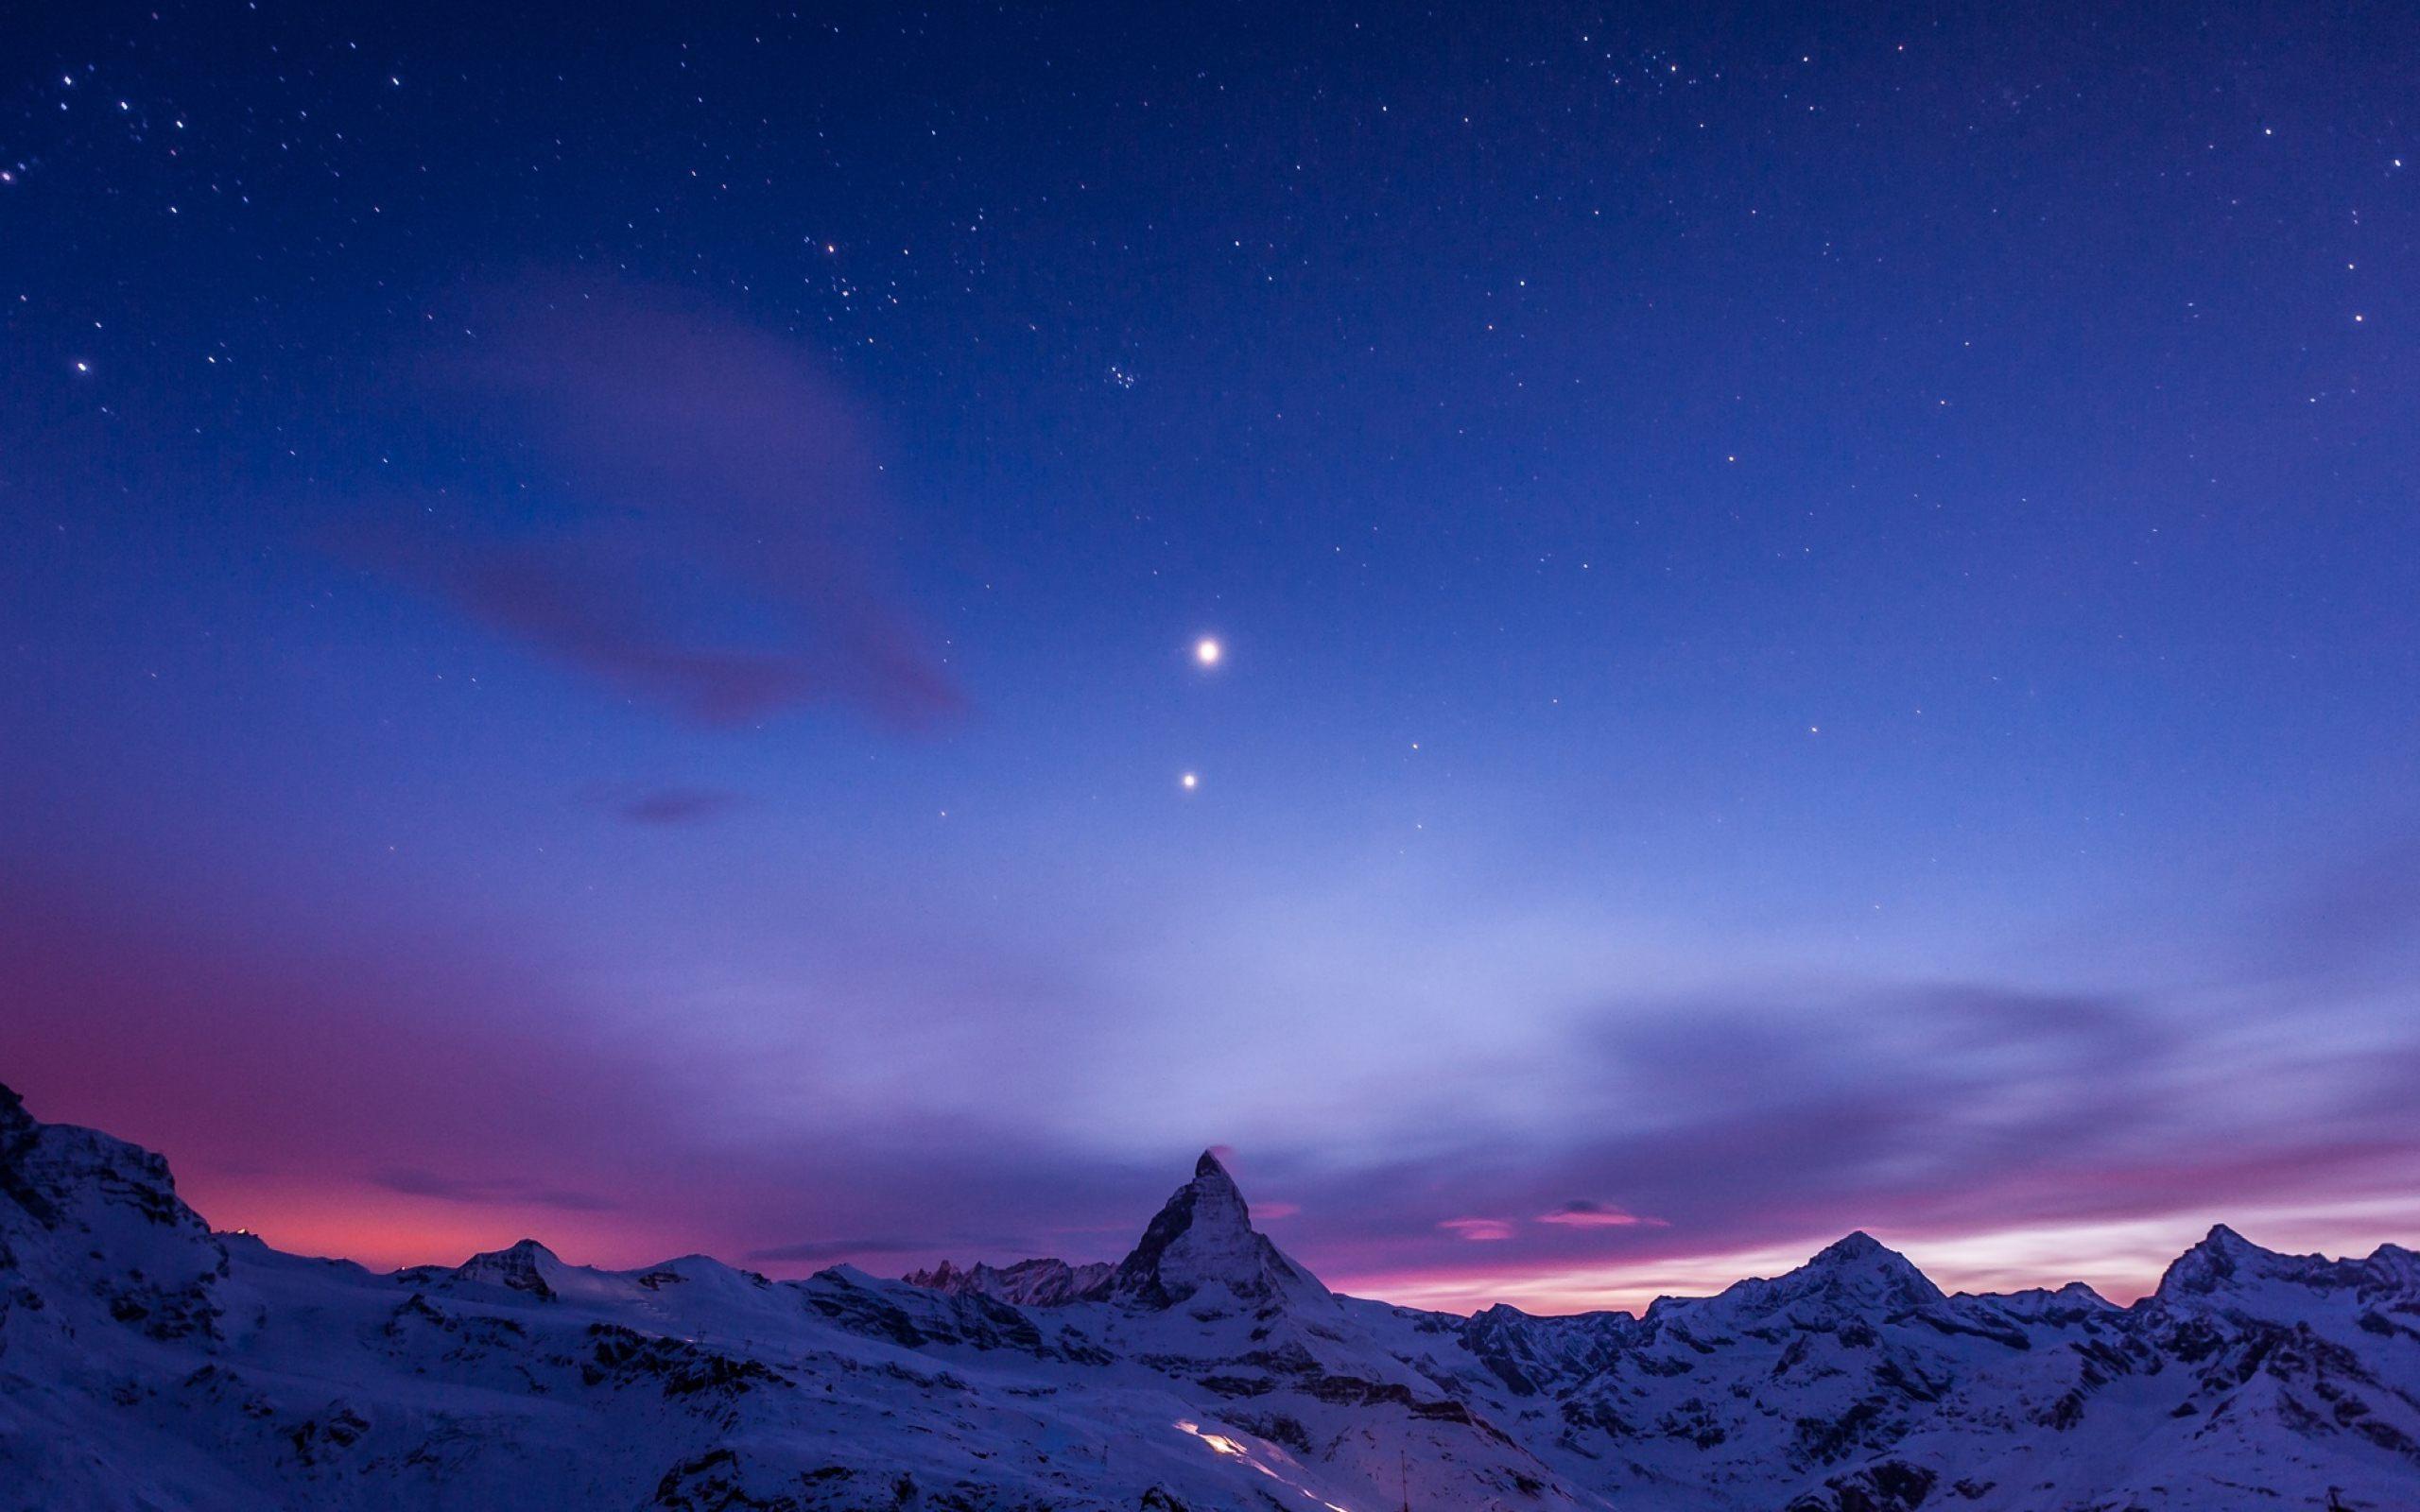 2560x1600px night sky stars wallpaper - wallpapersafari